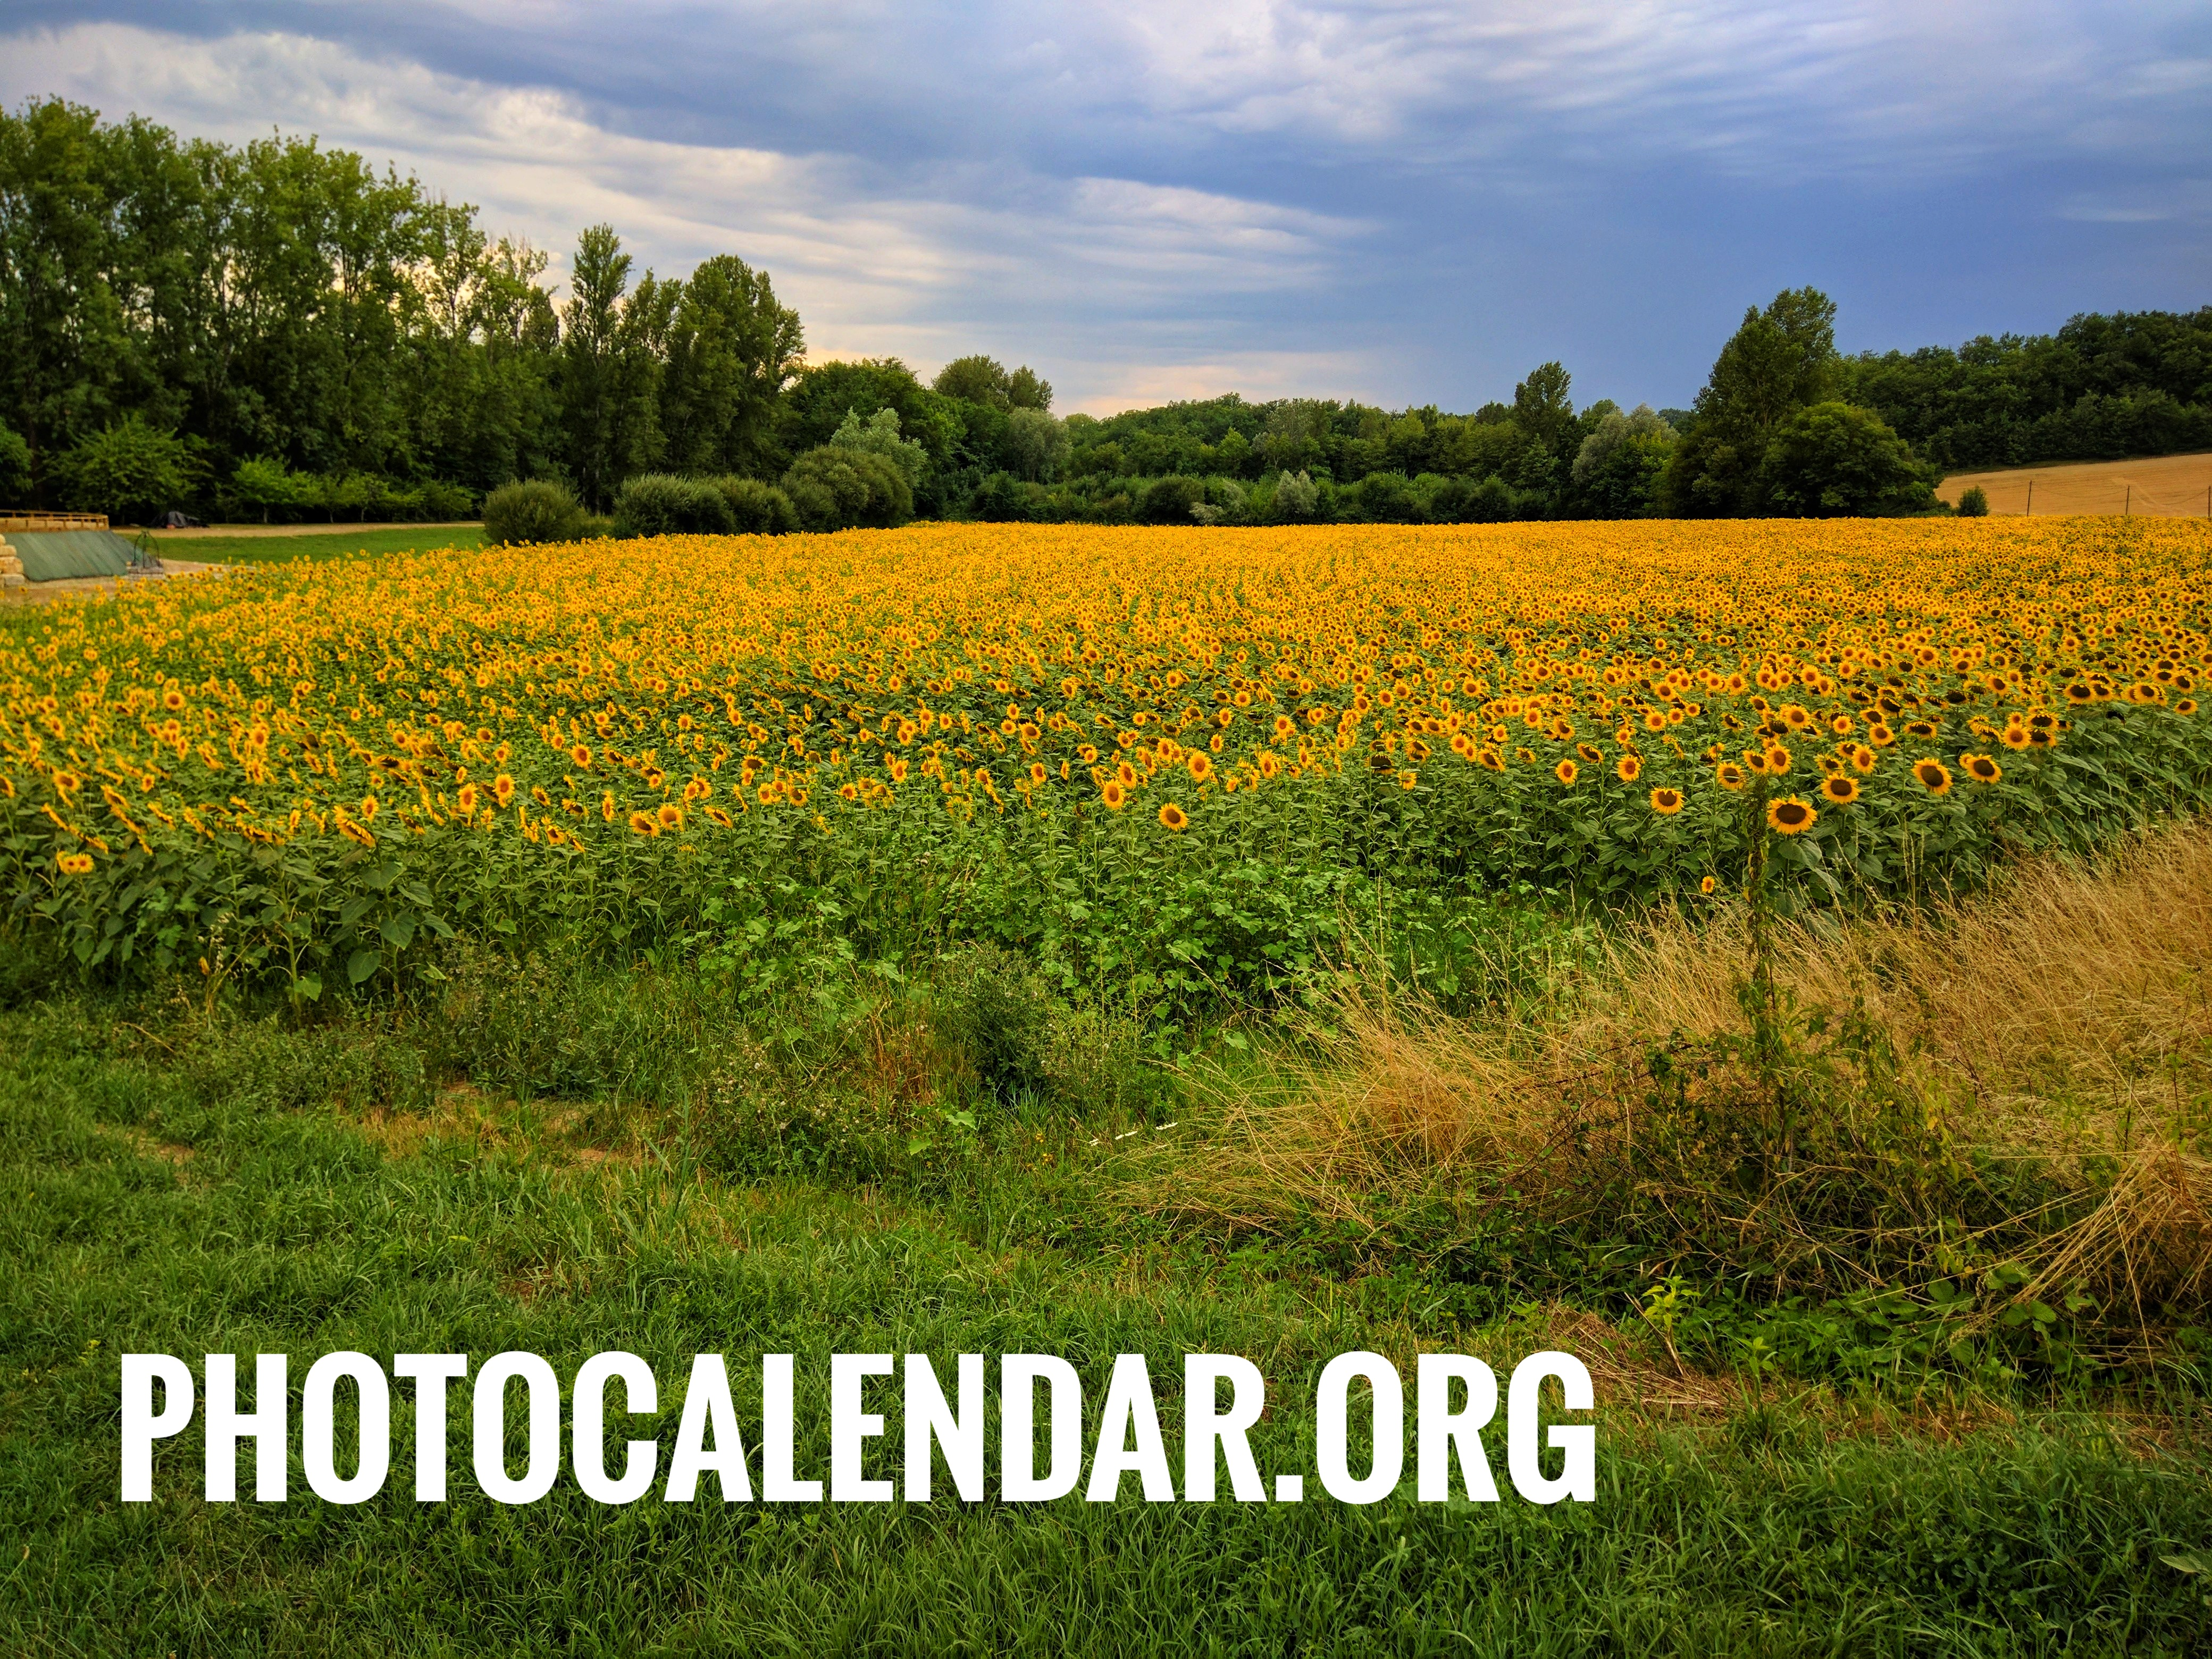 PhotoCalendar.org, domain name for sale